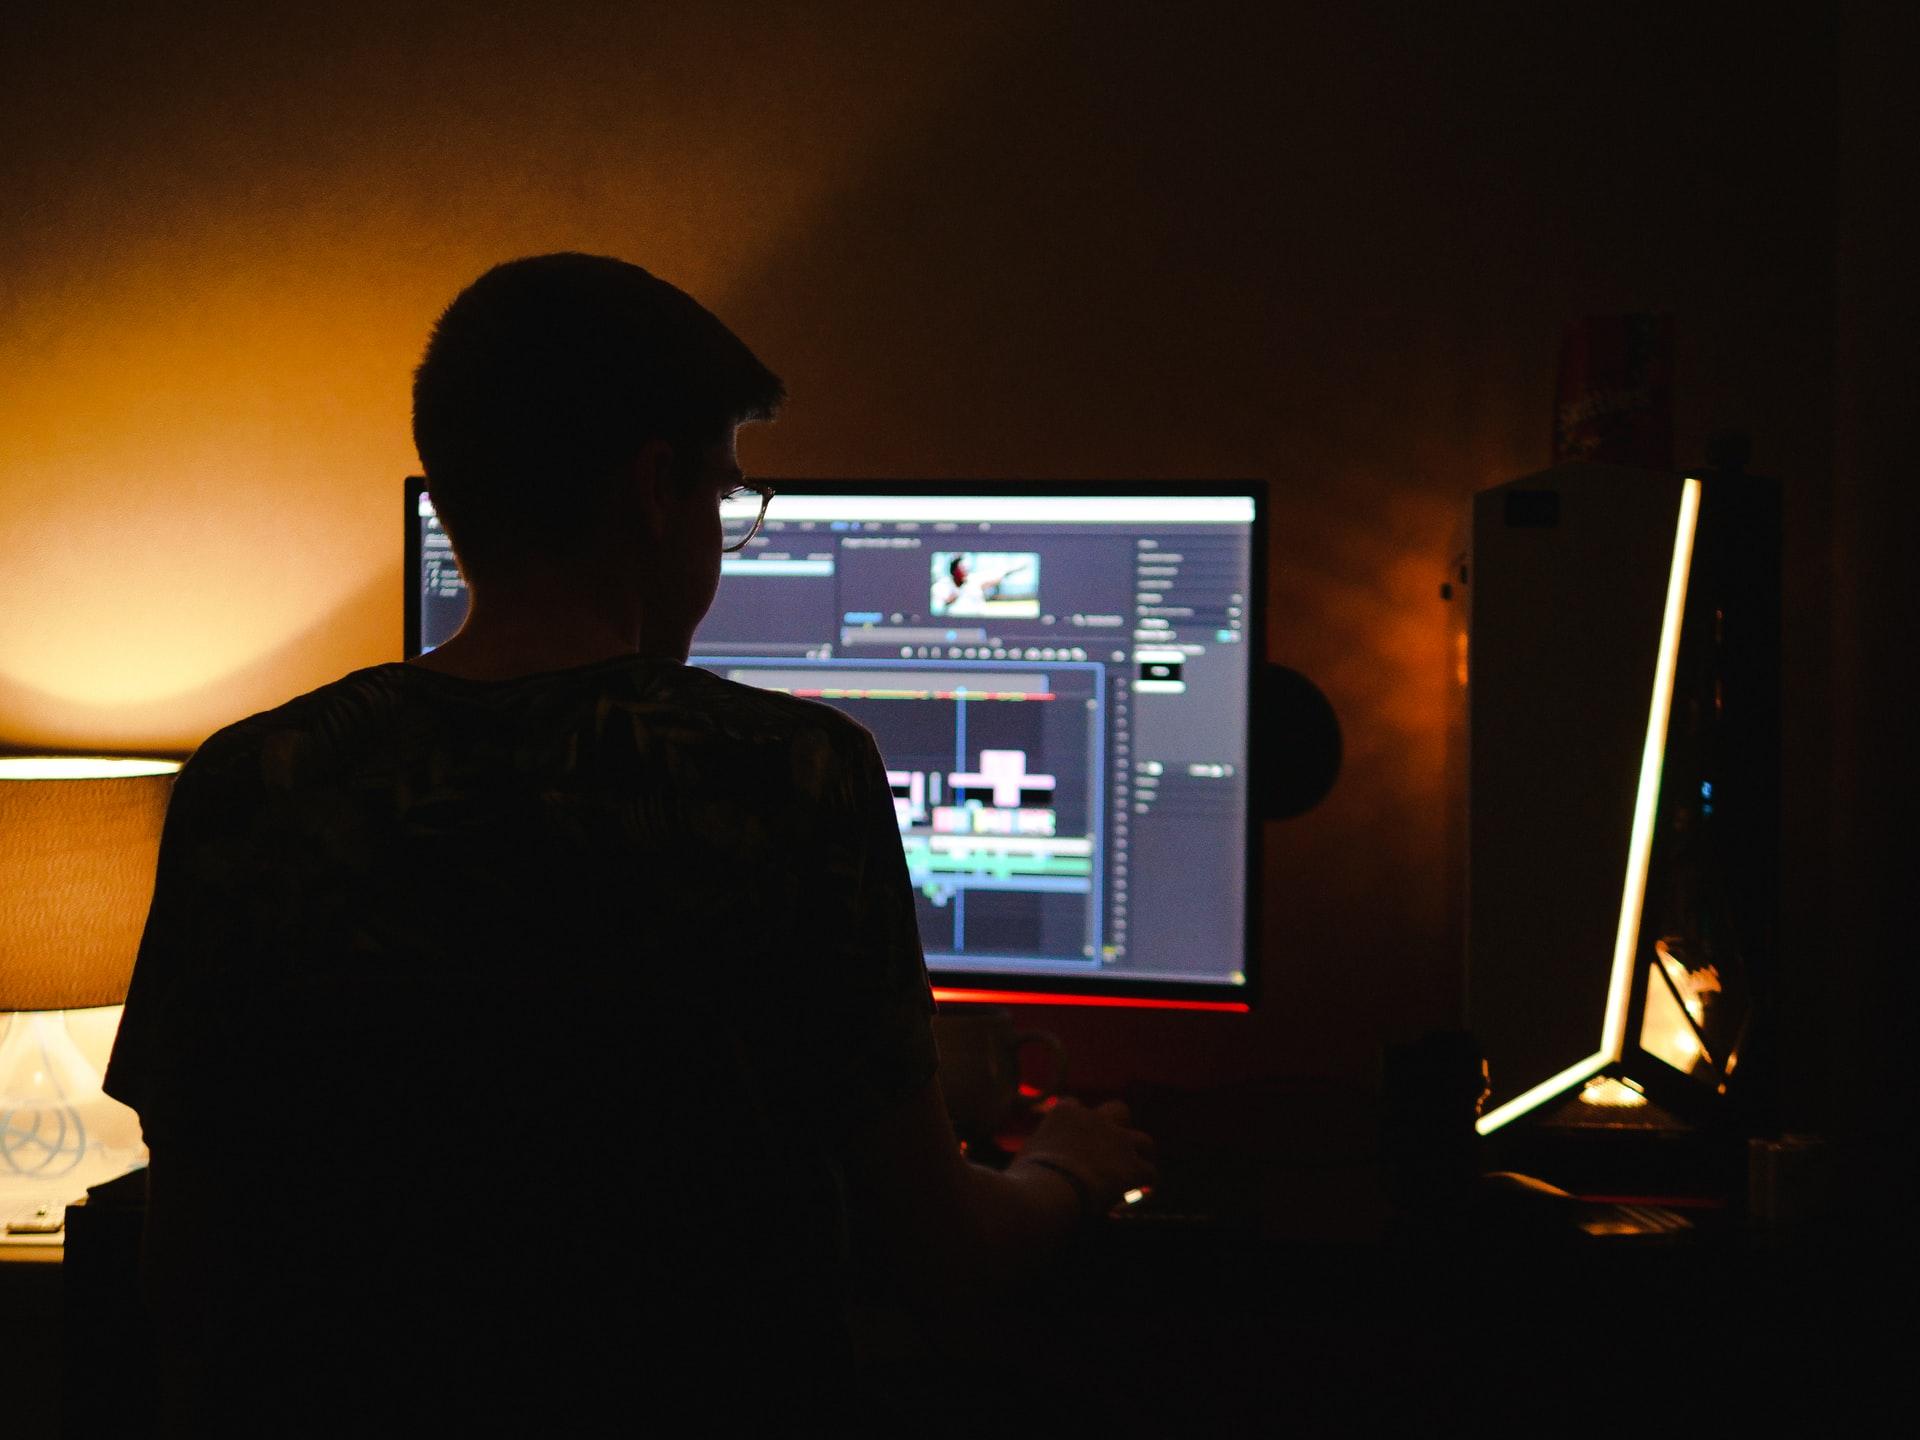 専用ソフトを使って動画編集する